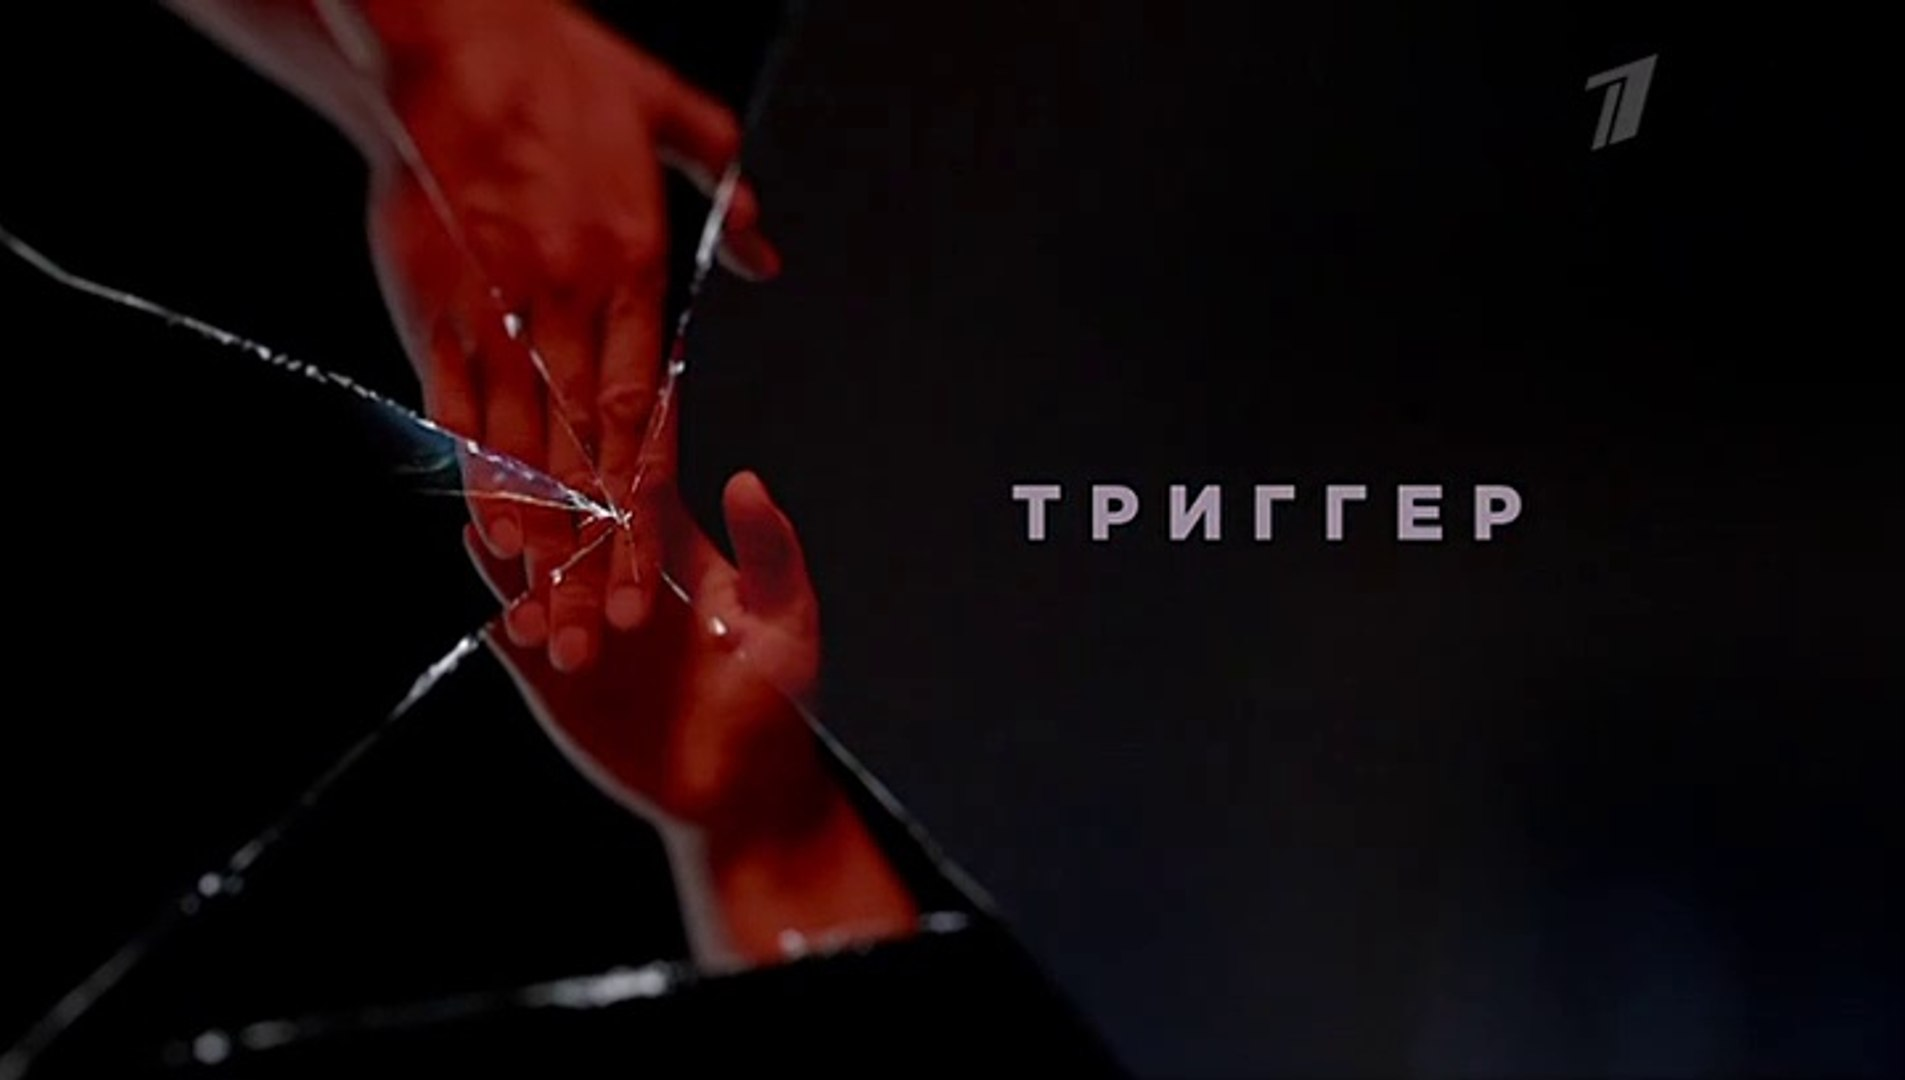 Триггер - 3 серия (2020) смотреть онлайн